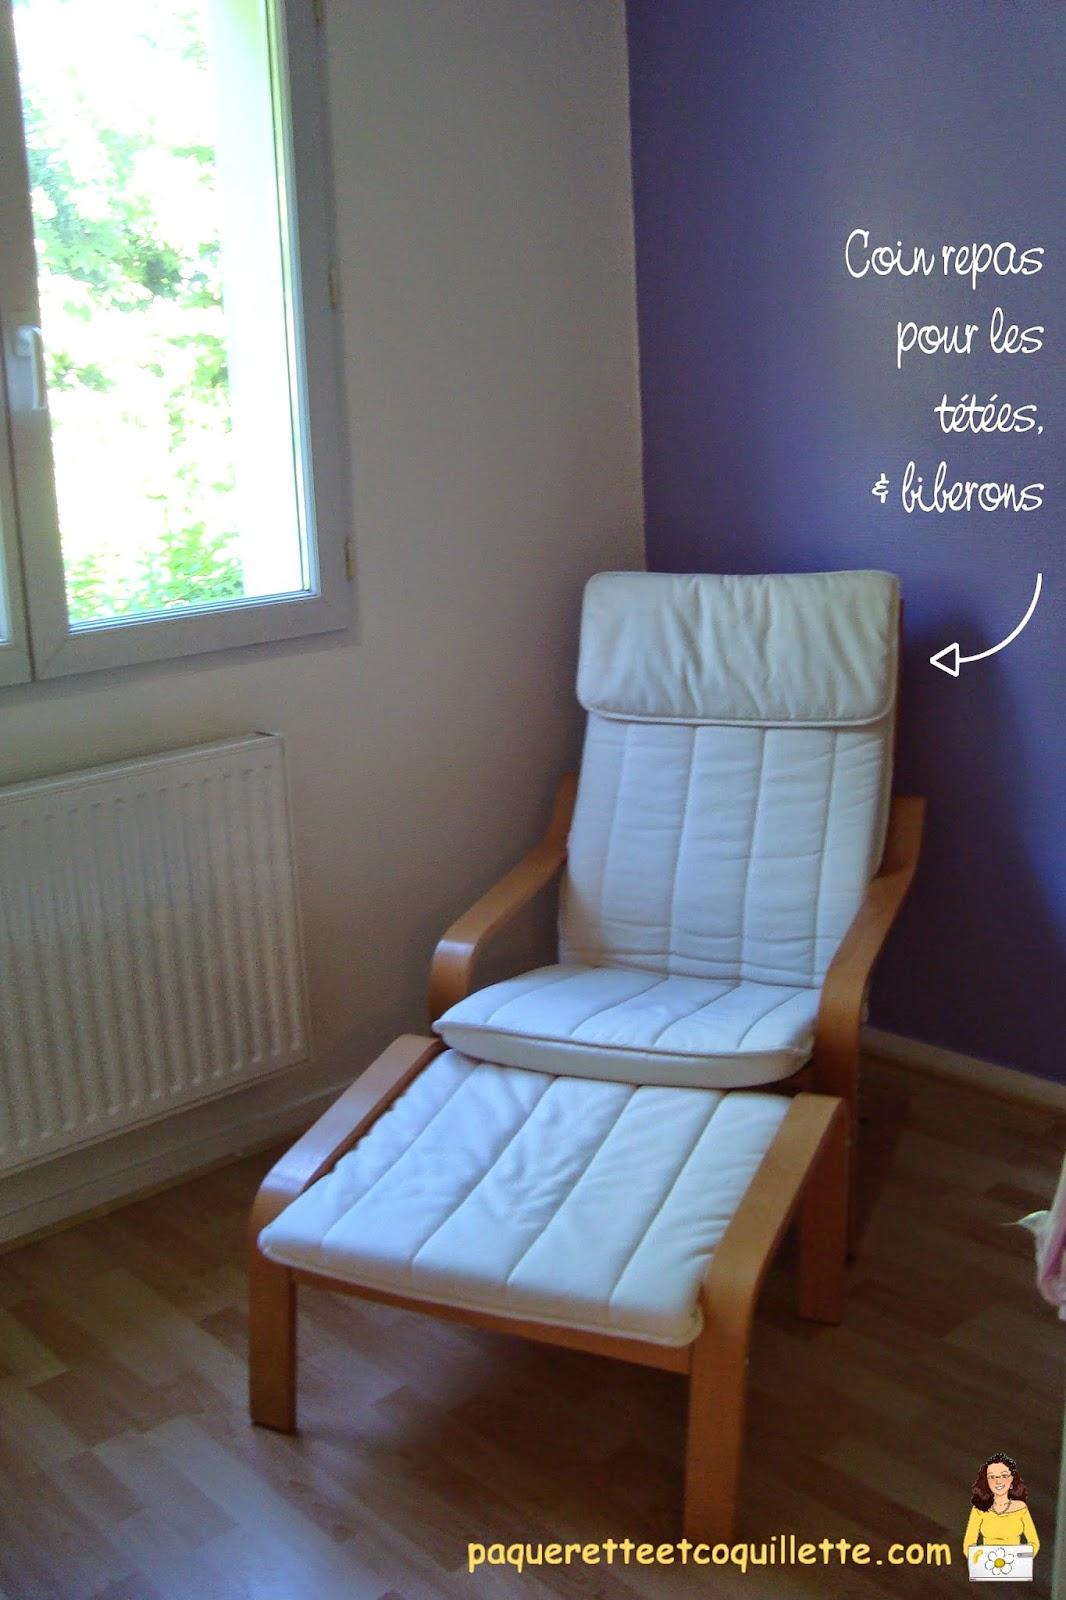 Paquerette et coquillette: la chambre montessori de paquerette